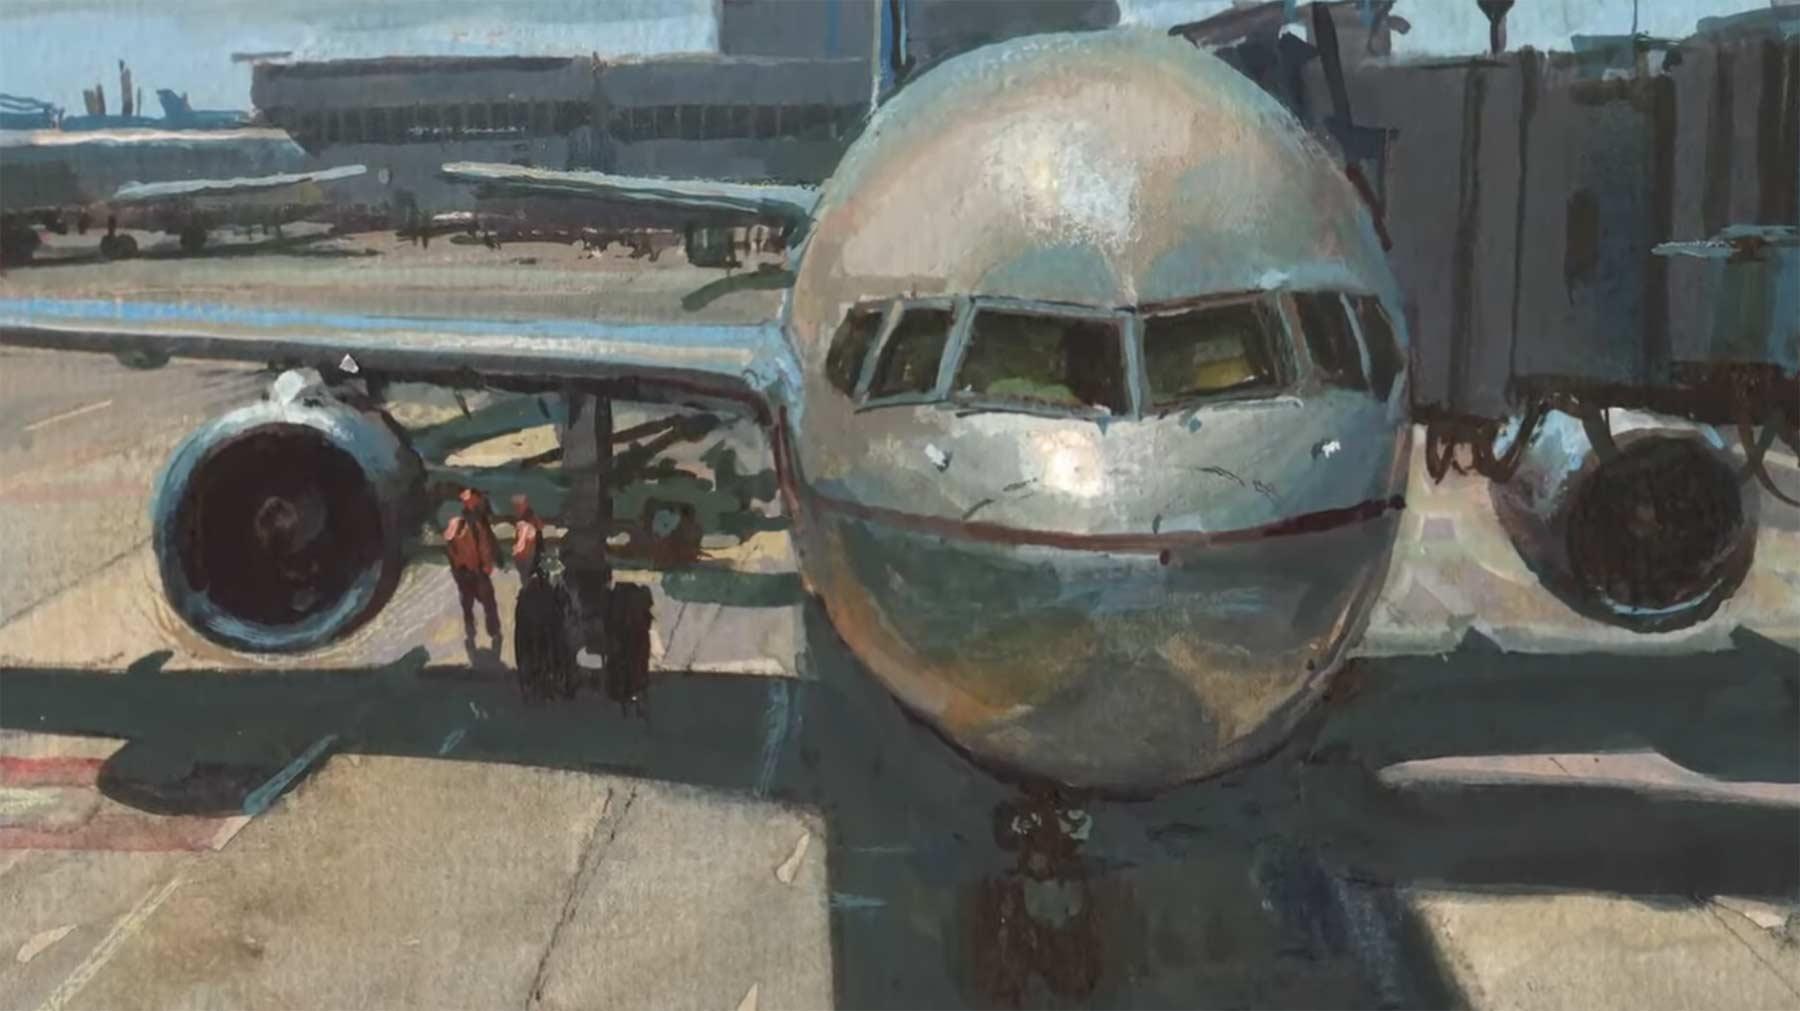 Ein Flugzeug beim Warten auf das Boarding malen